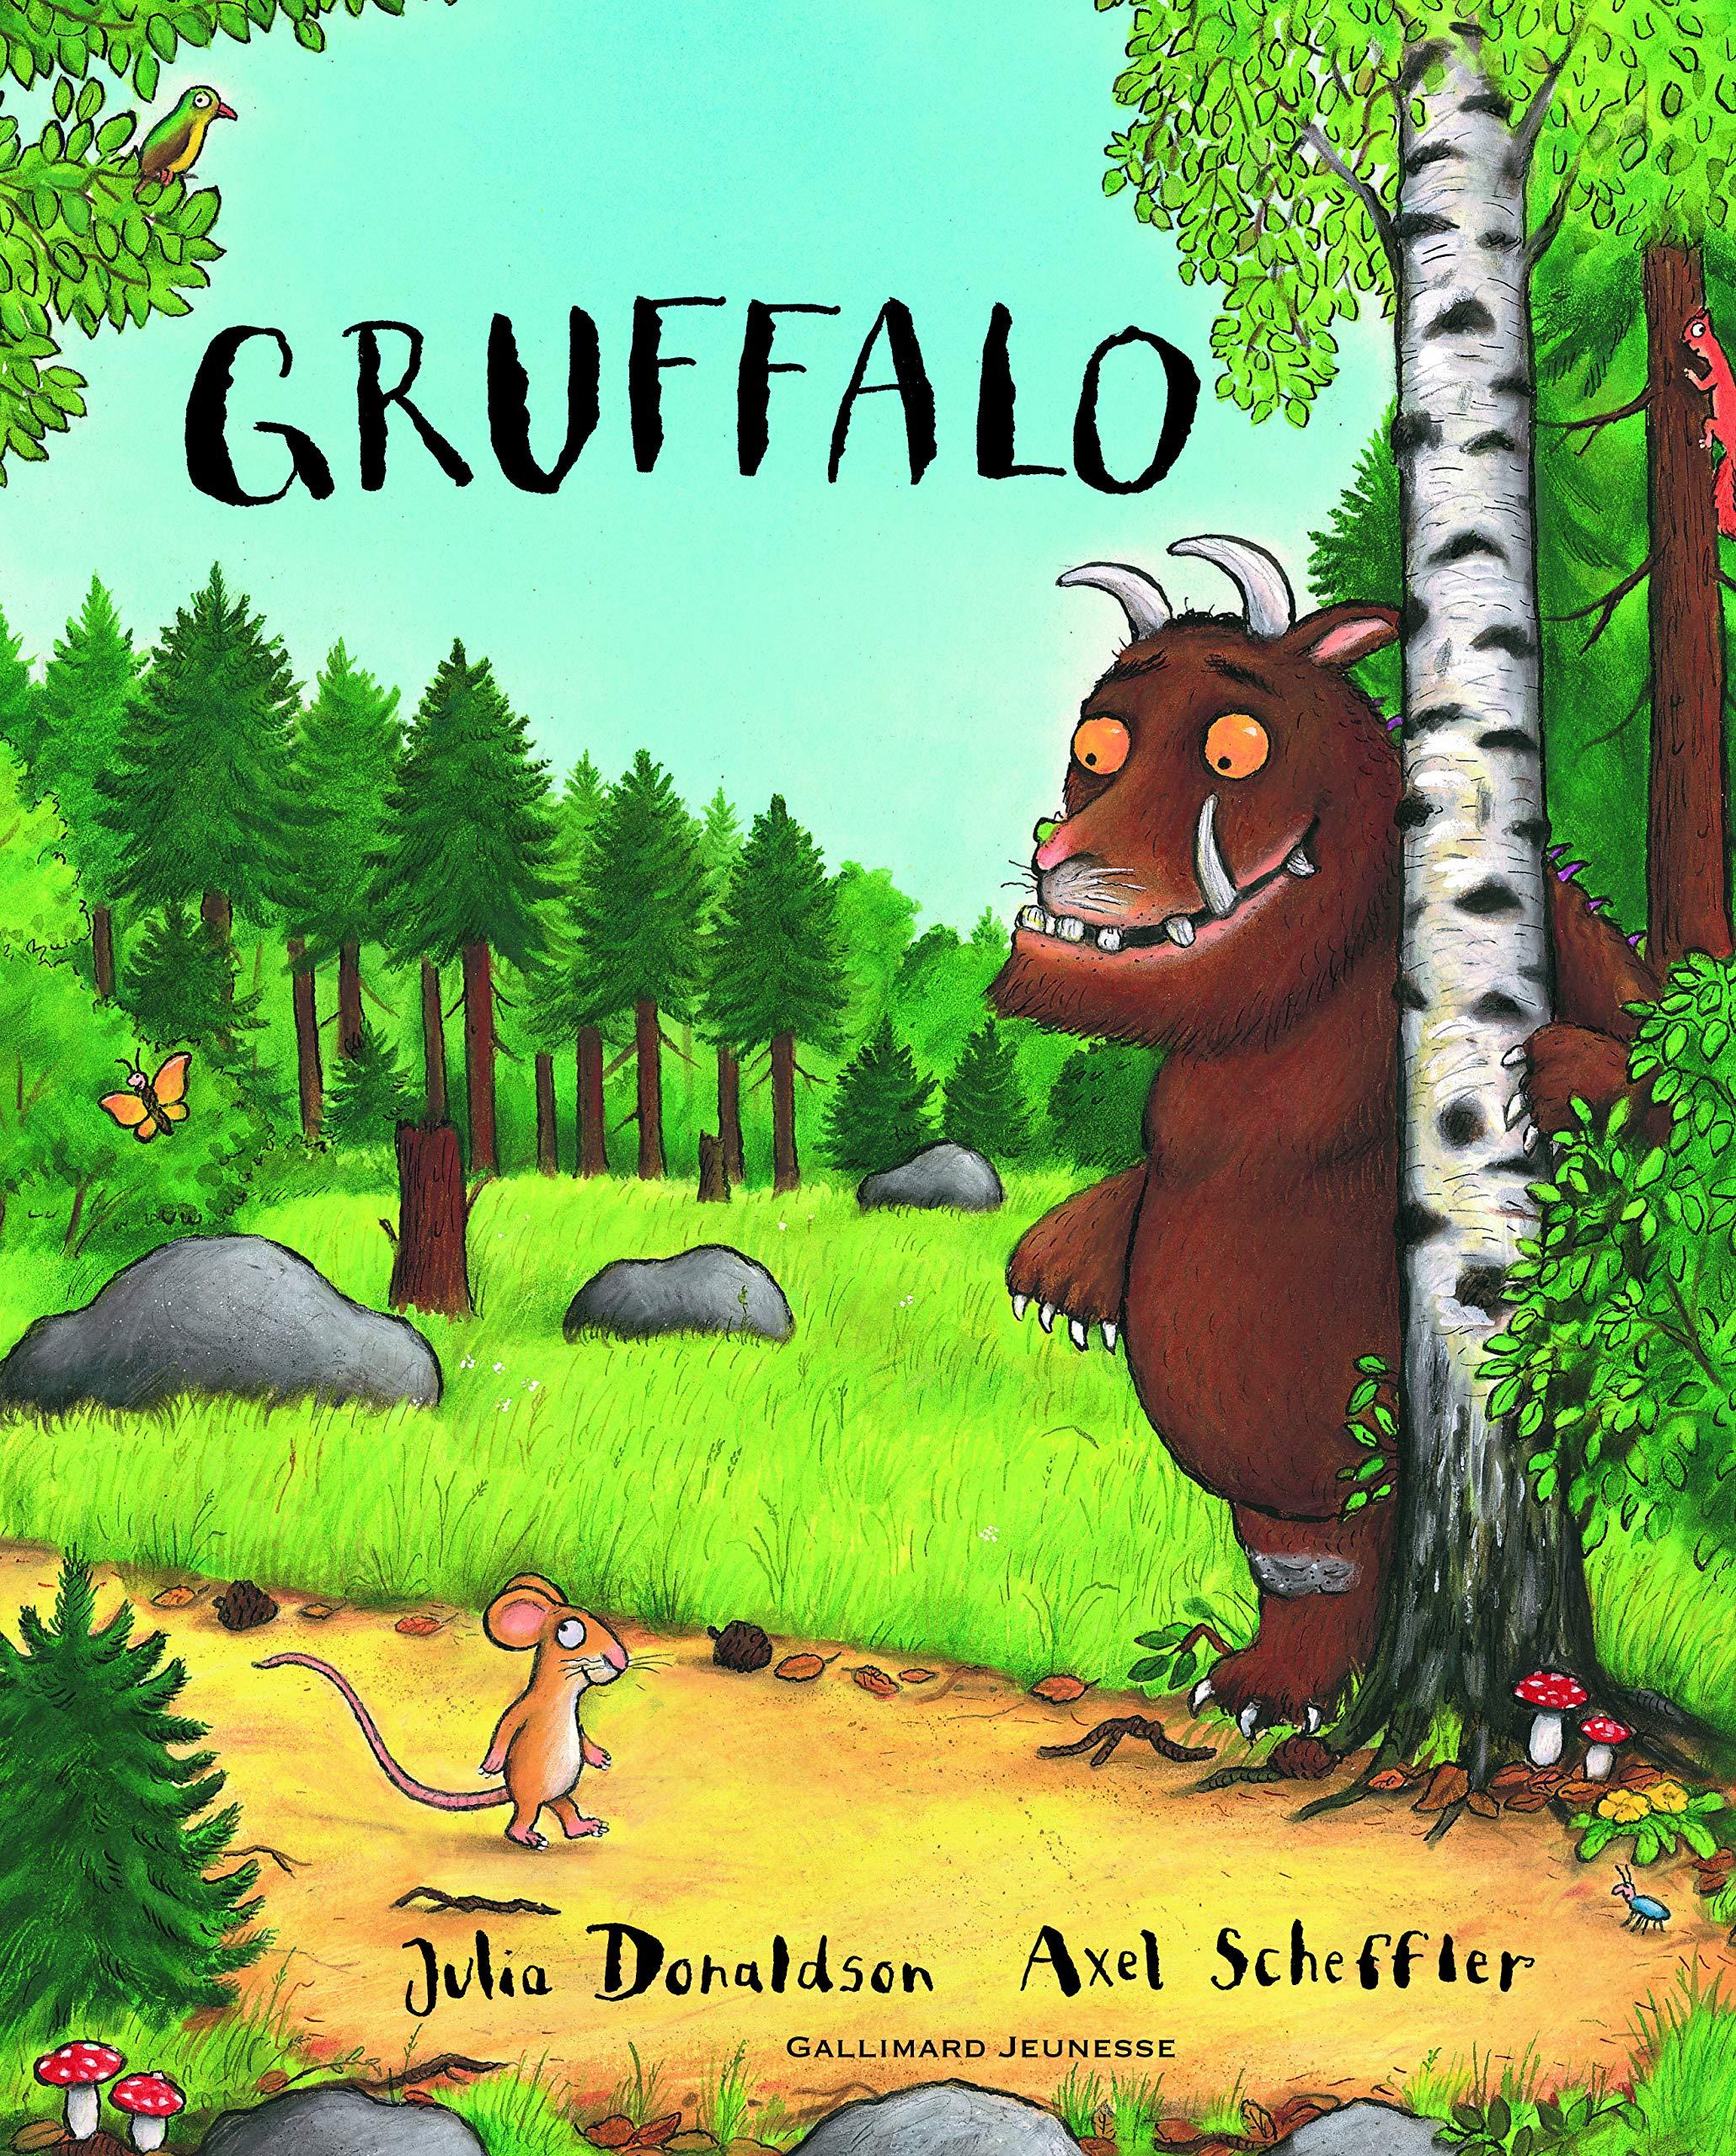 Gruffalo: Amazon.es: Donaldson,Julia, Scheffler,Axel, Ménard,Jean-François: Libros en idiomas extranjeros